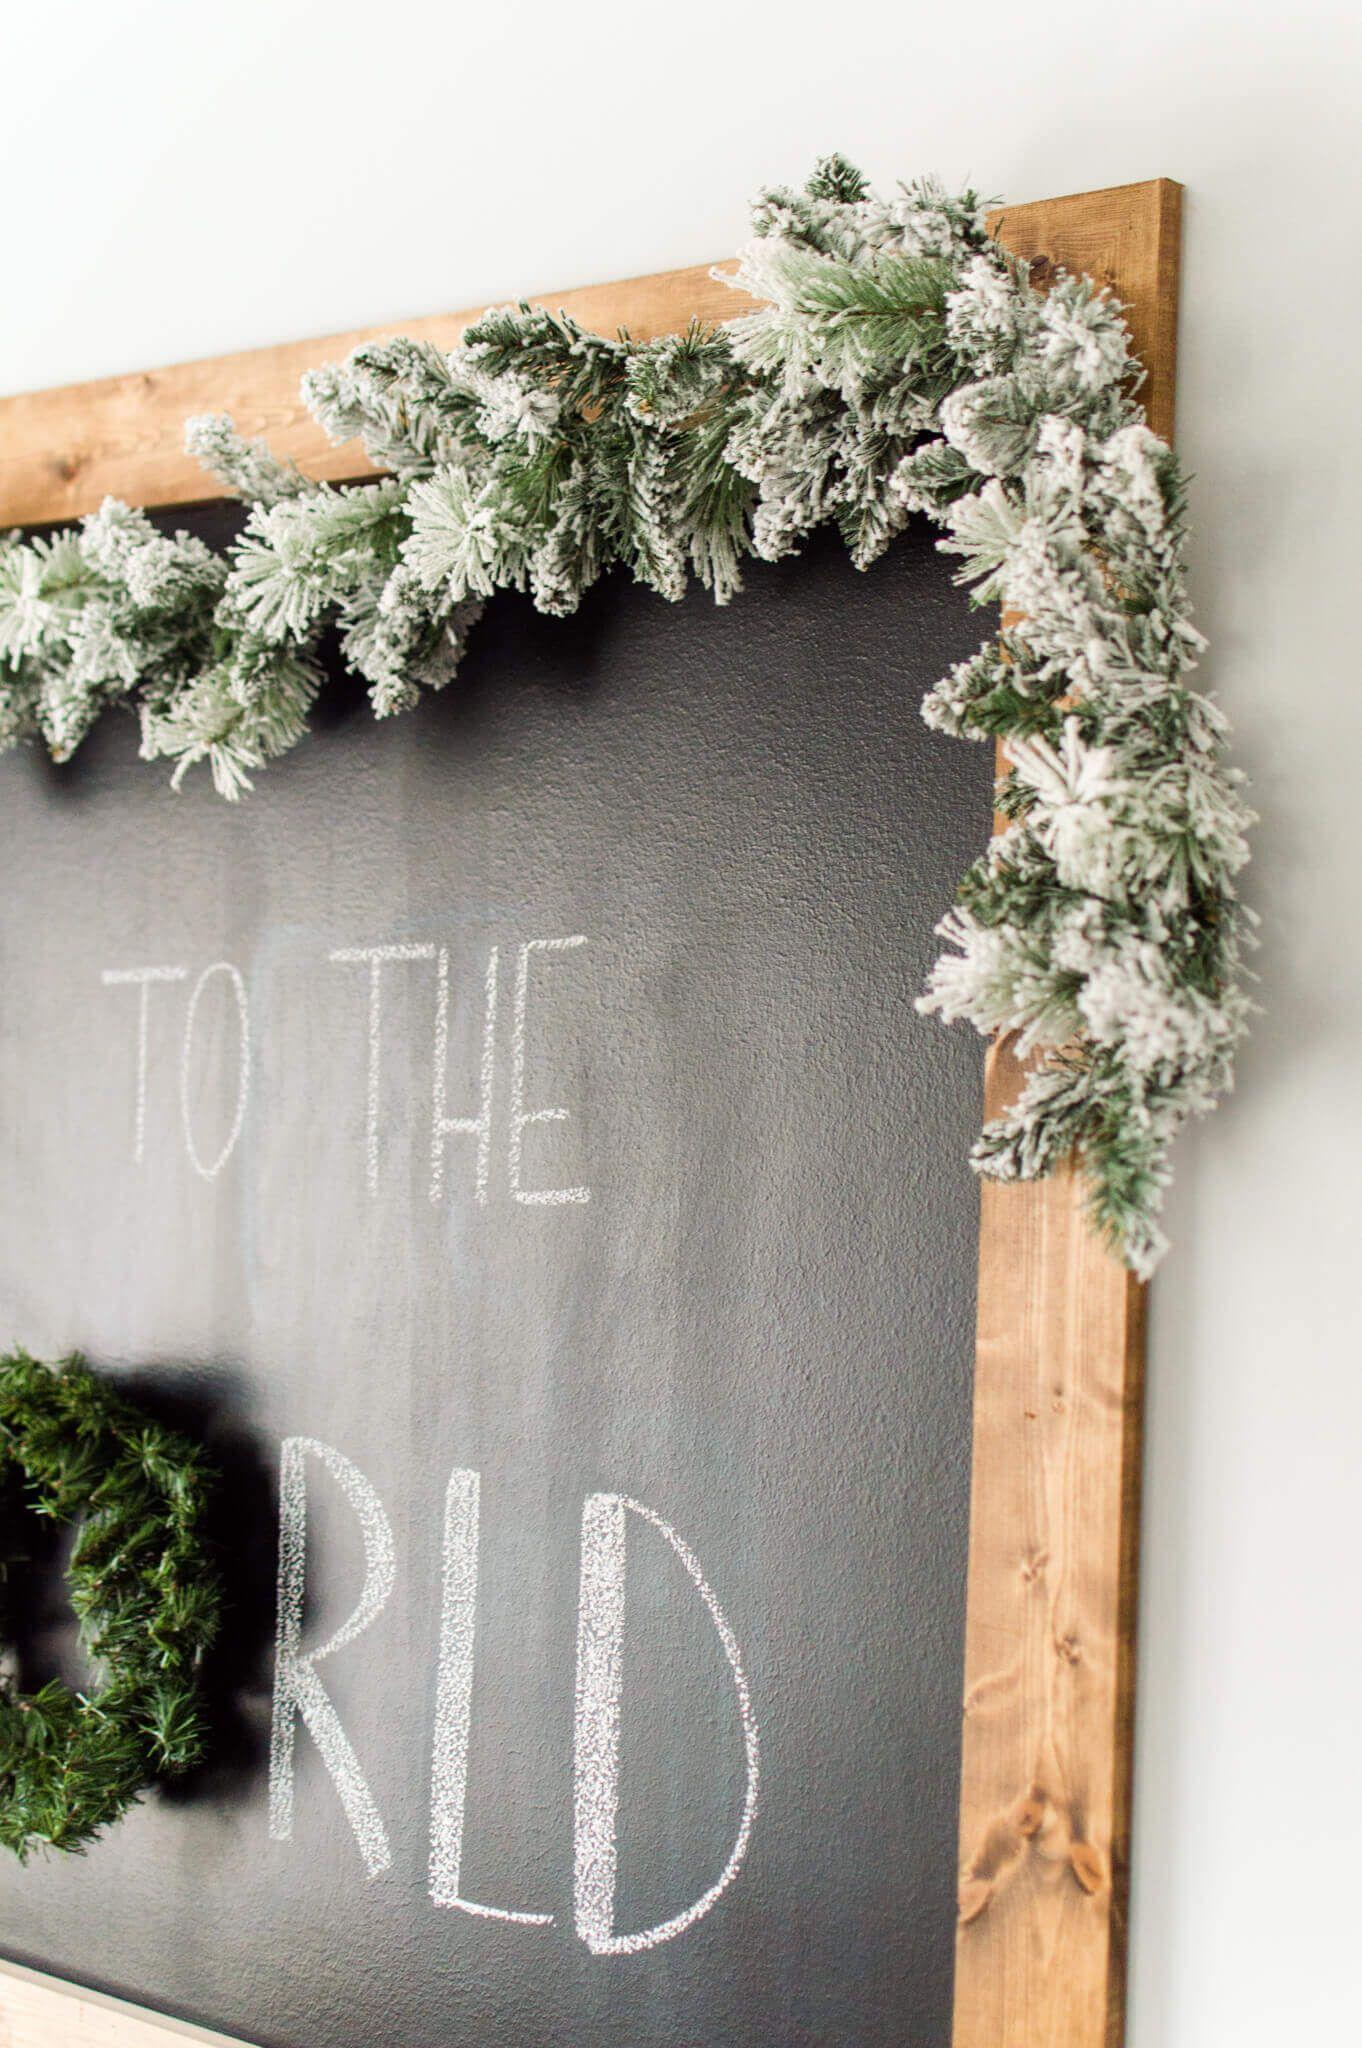 Christmas Chalkboard in the Breakfast Nook #christmaschalkboardartideas Christmas Chalkboard in the Breakfast Nook / ahostinghome.com // christmas chalkboard. christmas chalkboard art. christmas chalkboard signs. christmas chalkboard ideas. christmas chalkboard easy. christmas chalkboard christian. christmas chalkboard DIY. christmas chalkboard quotes. christmas chalkboard wall. christmas chalkboard simple. christmas chalkboard Jesus. christmas chalkboard farmhouse. christmas chalkboard kitchen. #christmaschalkboardartideas